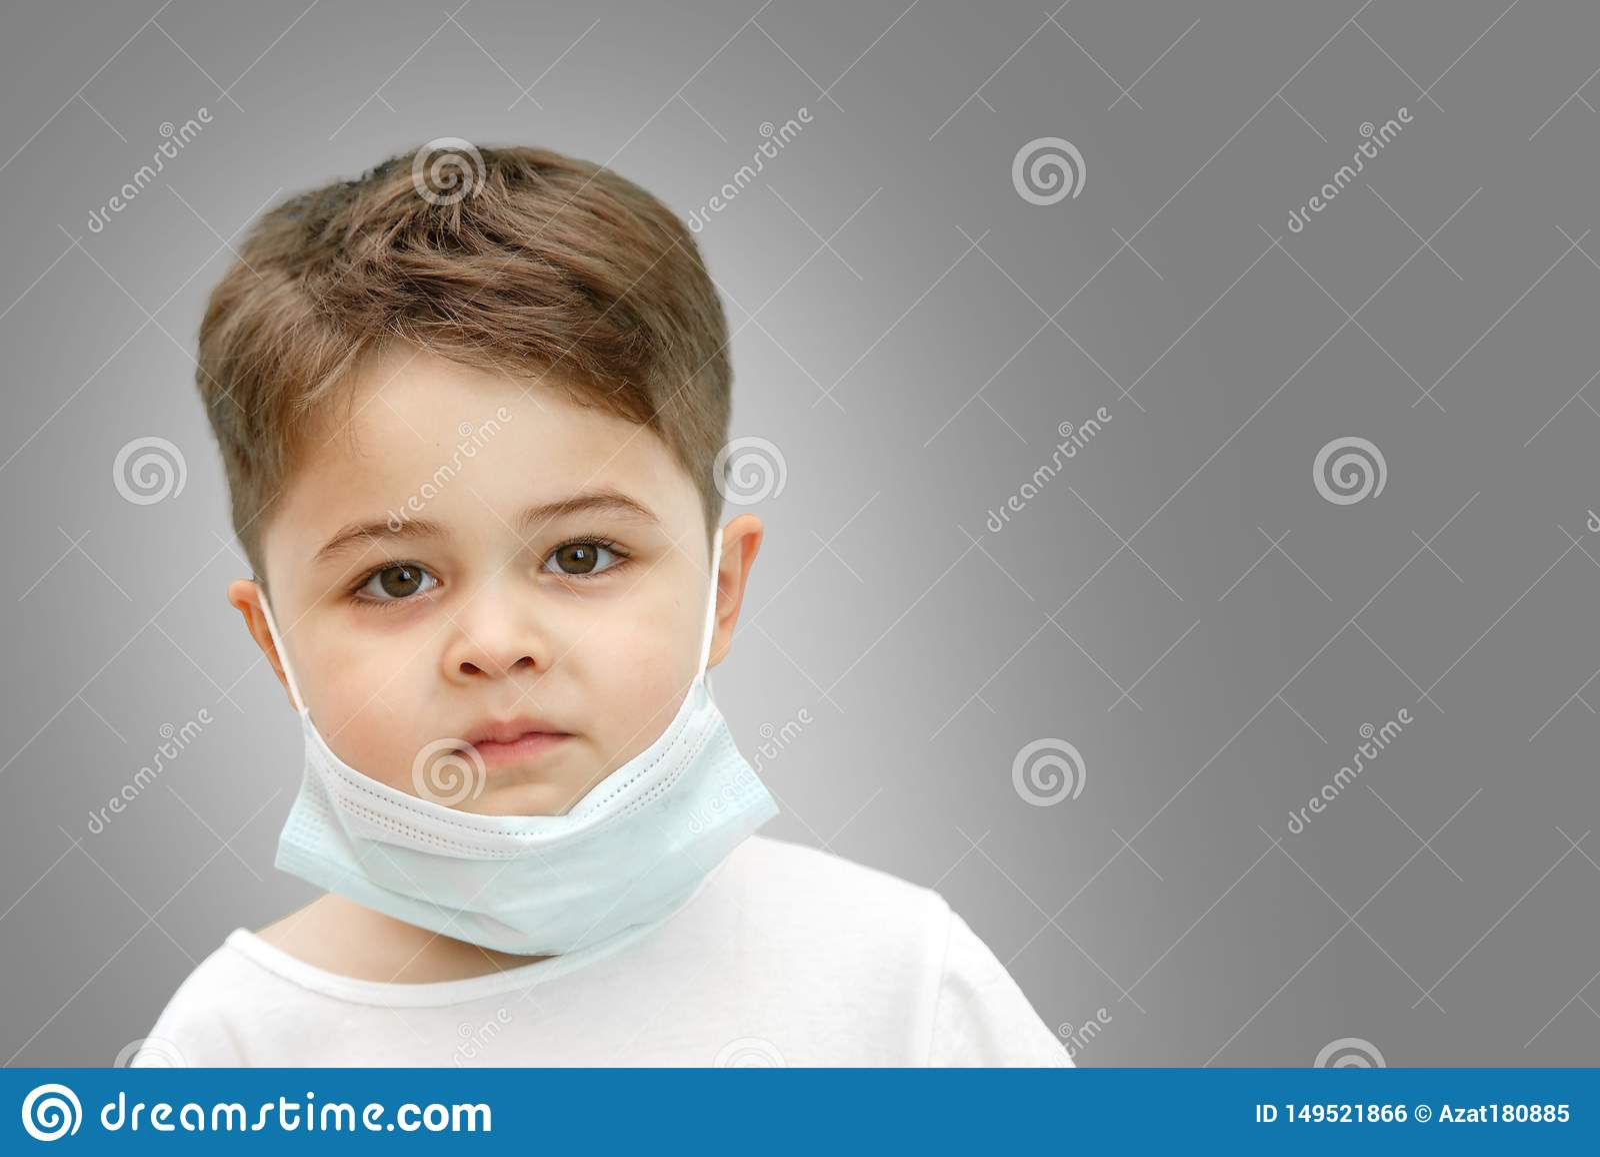 Wenig kaukasischer Junge in der medizinischen Maske auf lokalisiertem Hintergrund